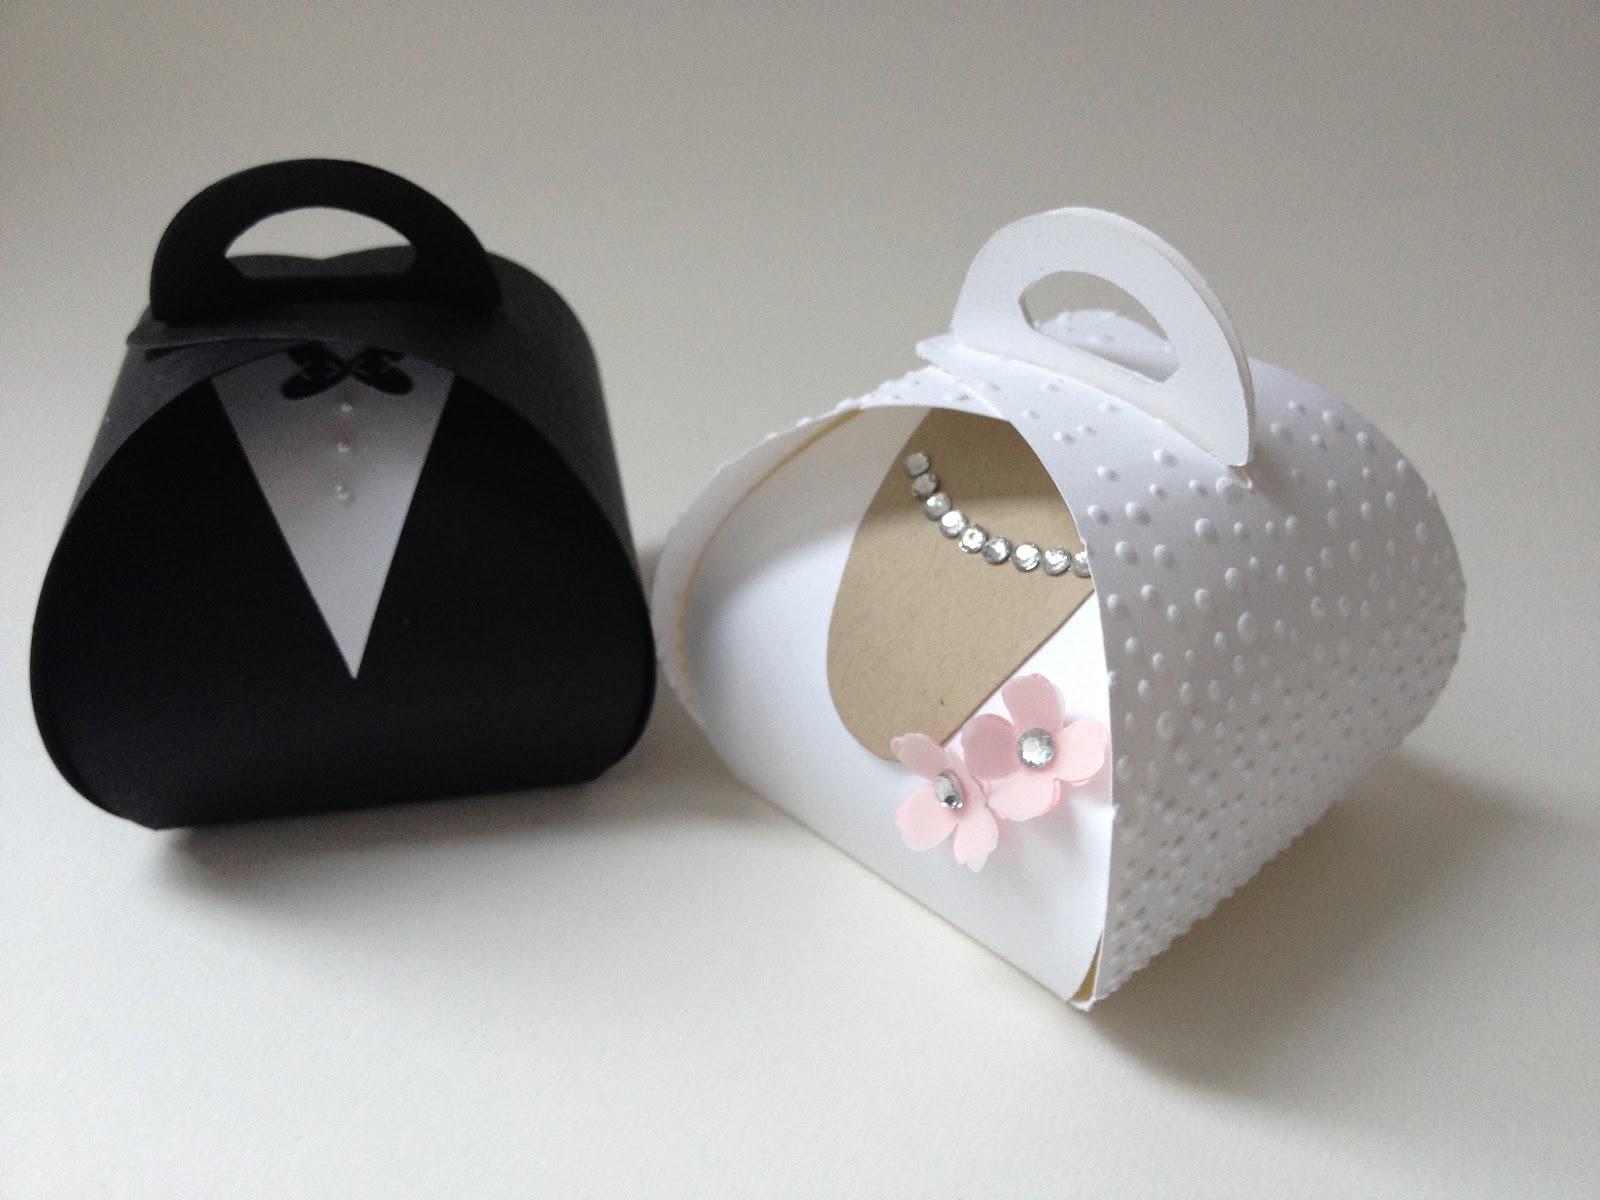 Stempellicht: Geschenk für Hochzeit mit Zierschachtel....